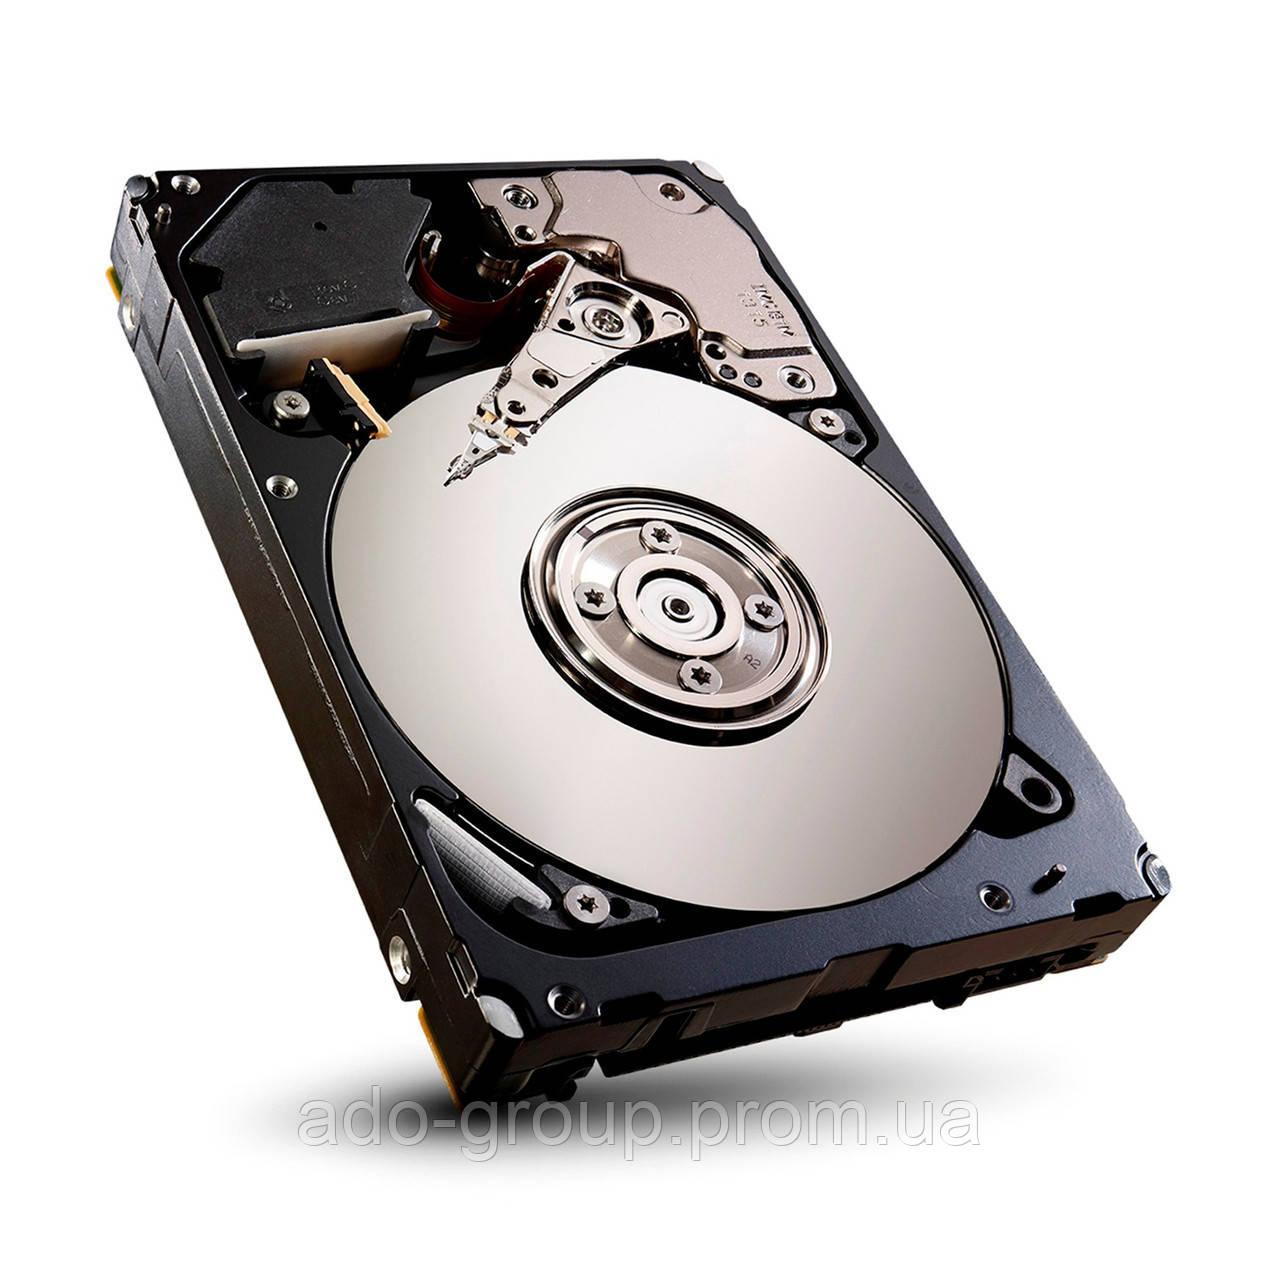 """697574-S21 Жесткий диск HP 1200GB SAS 10K  2.5"""" +"""